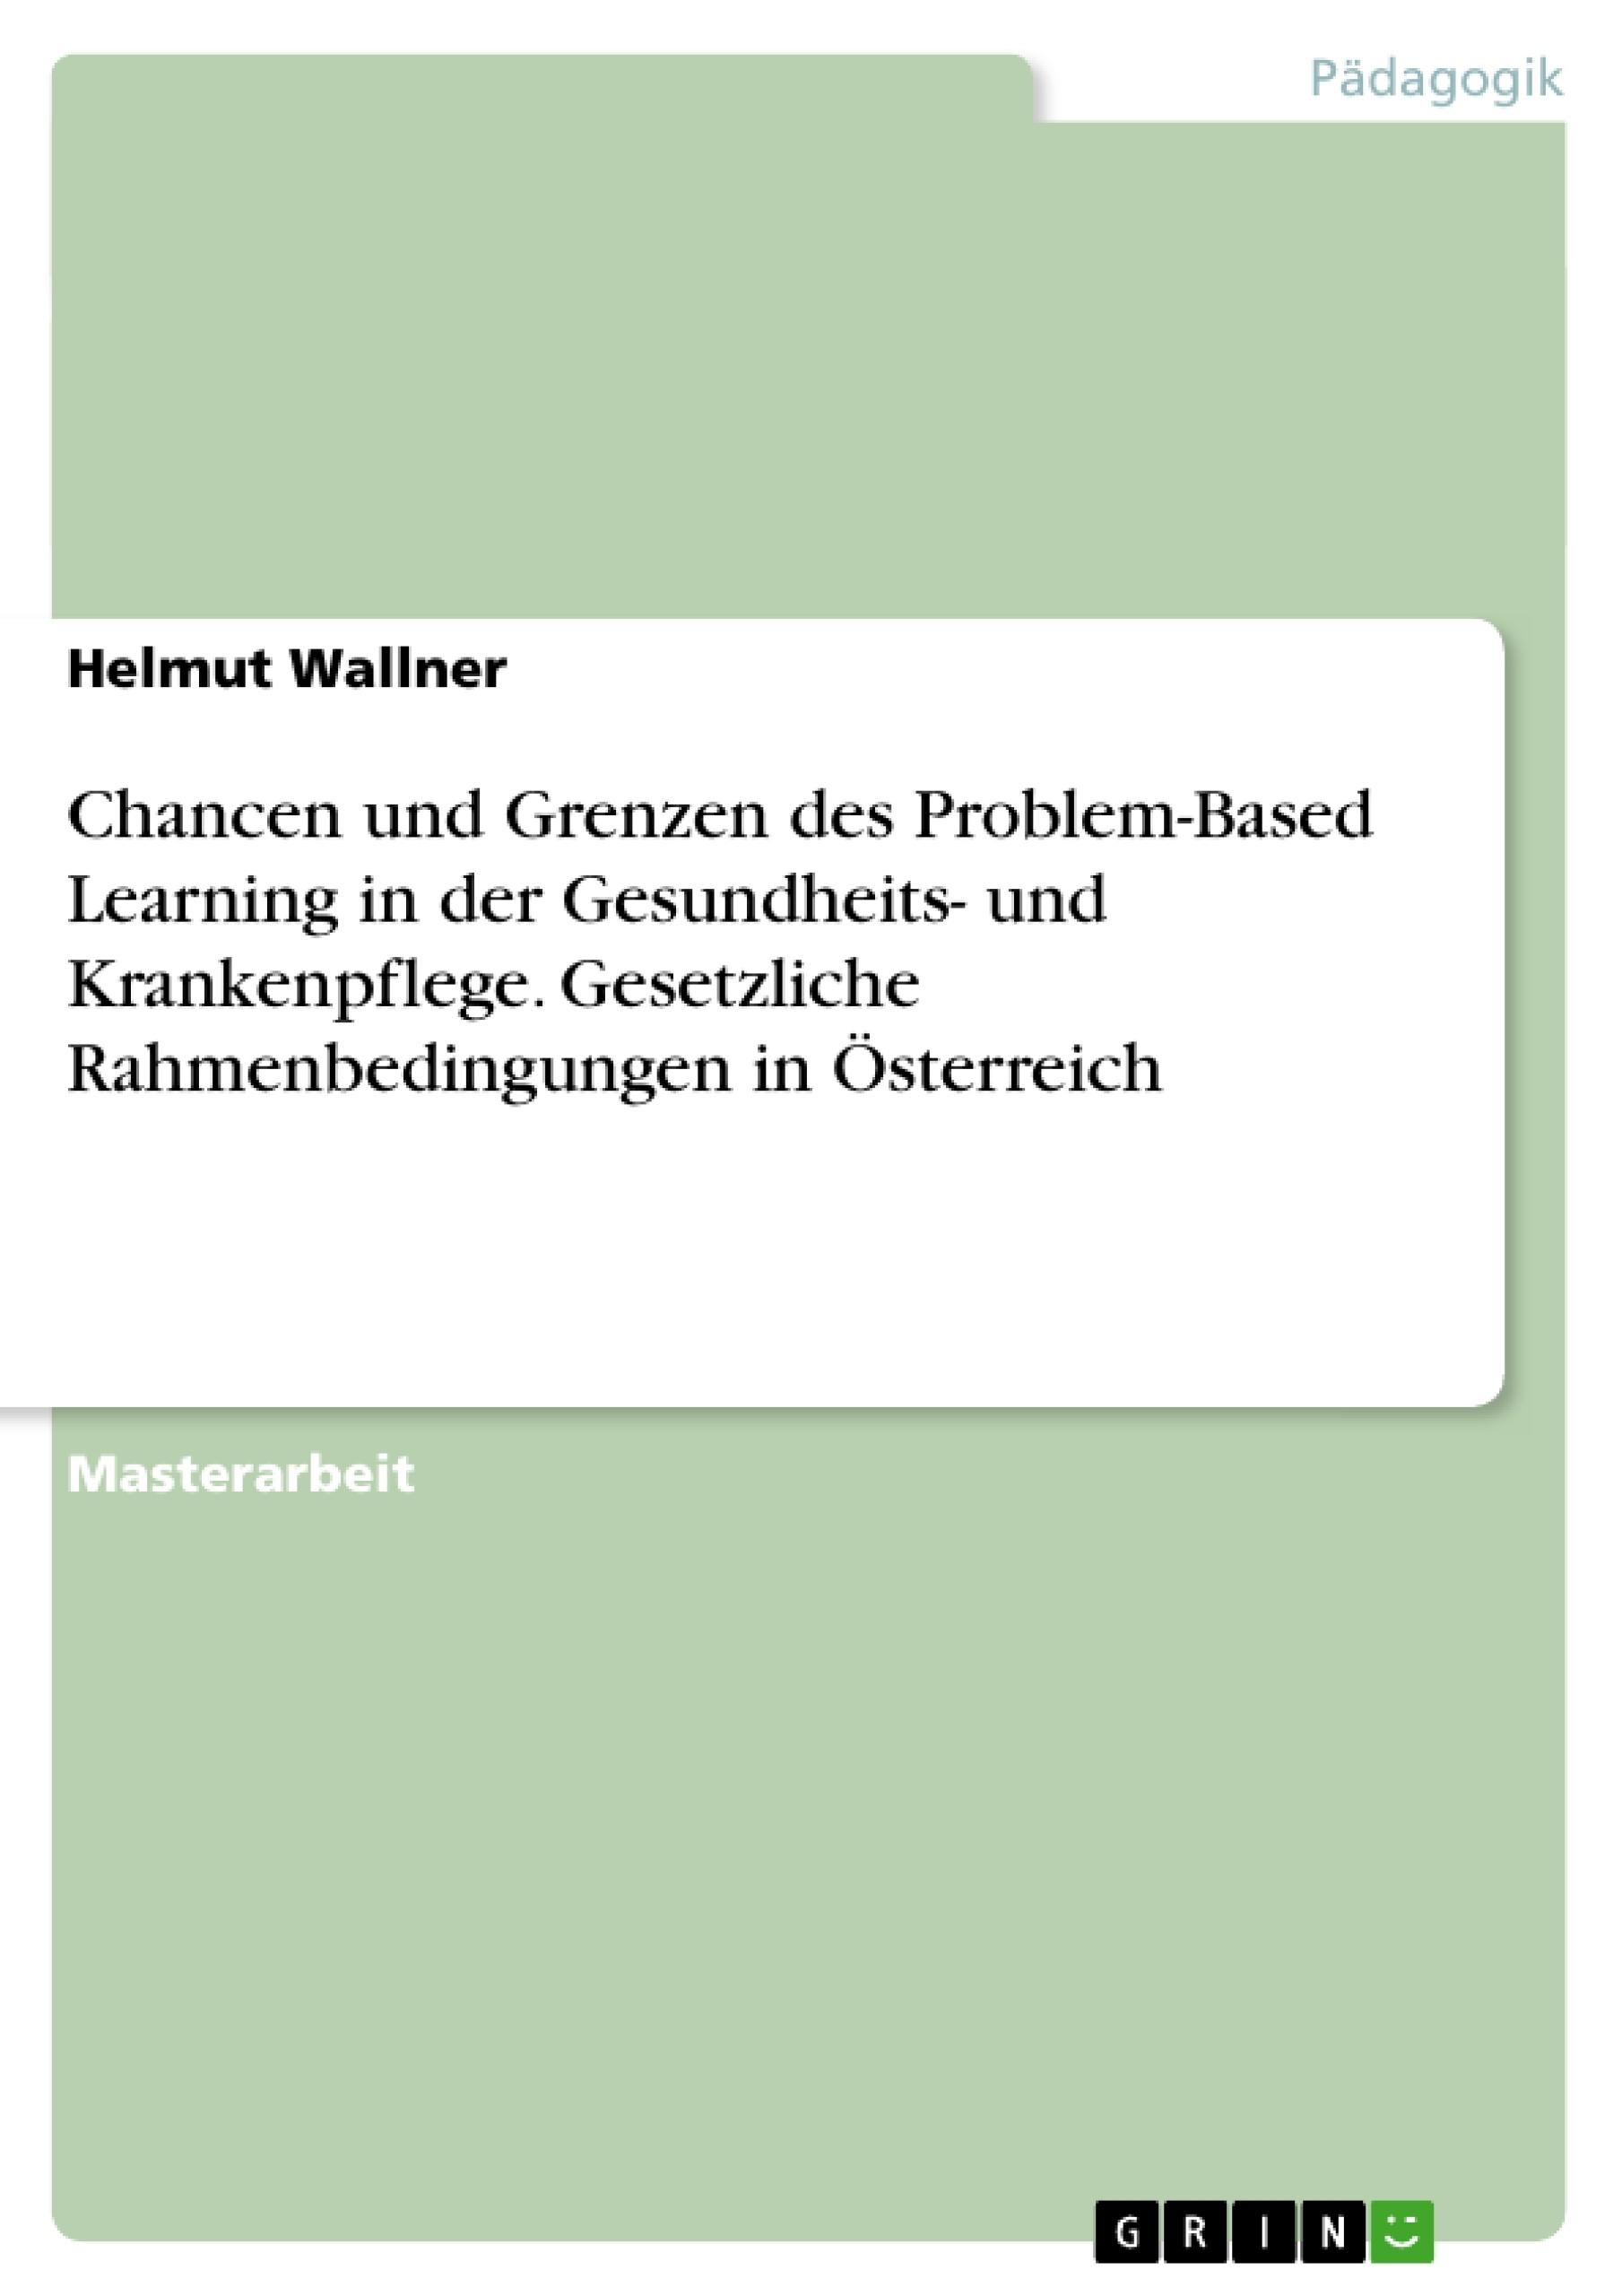 Titel: Chancen und Grenzen des Problem-Based Learning in der Gesundheits- und Krankenpflege. Gesetzliche Rahmenbedingungen in Österreich